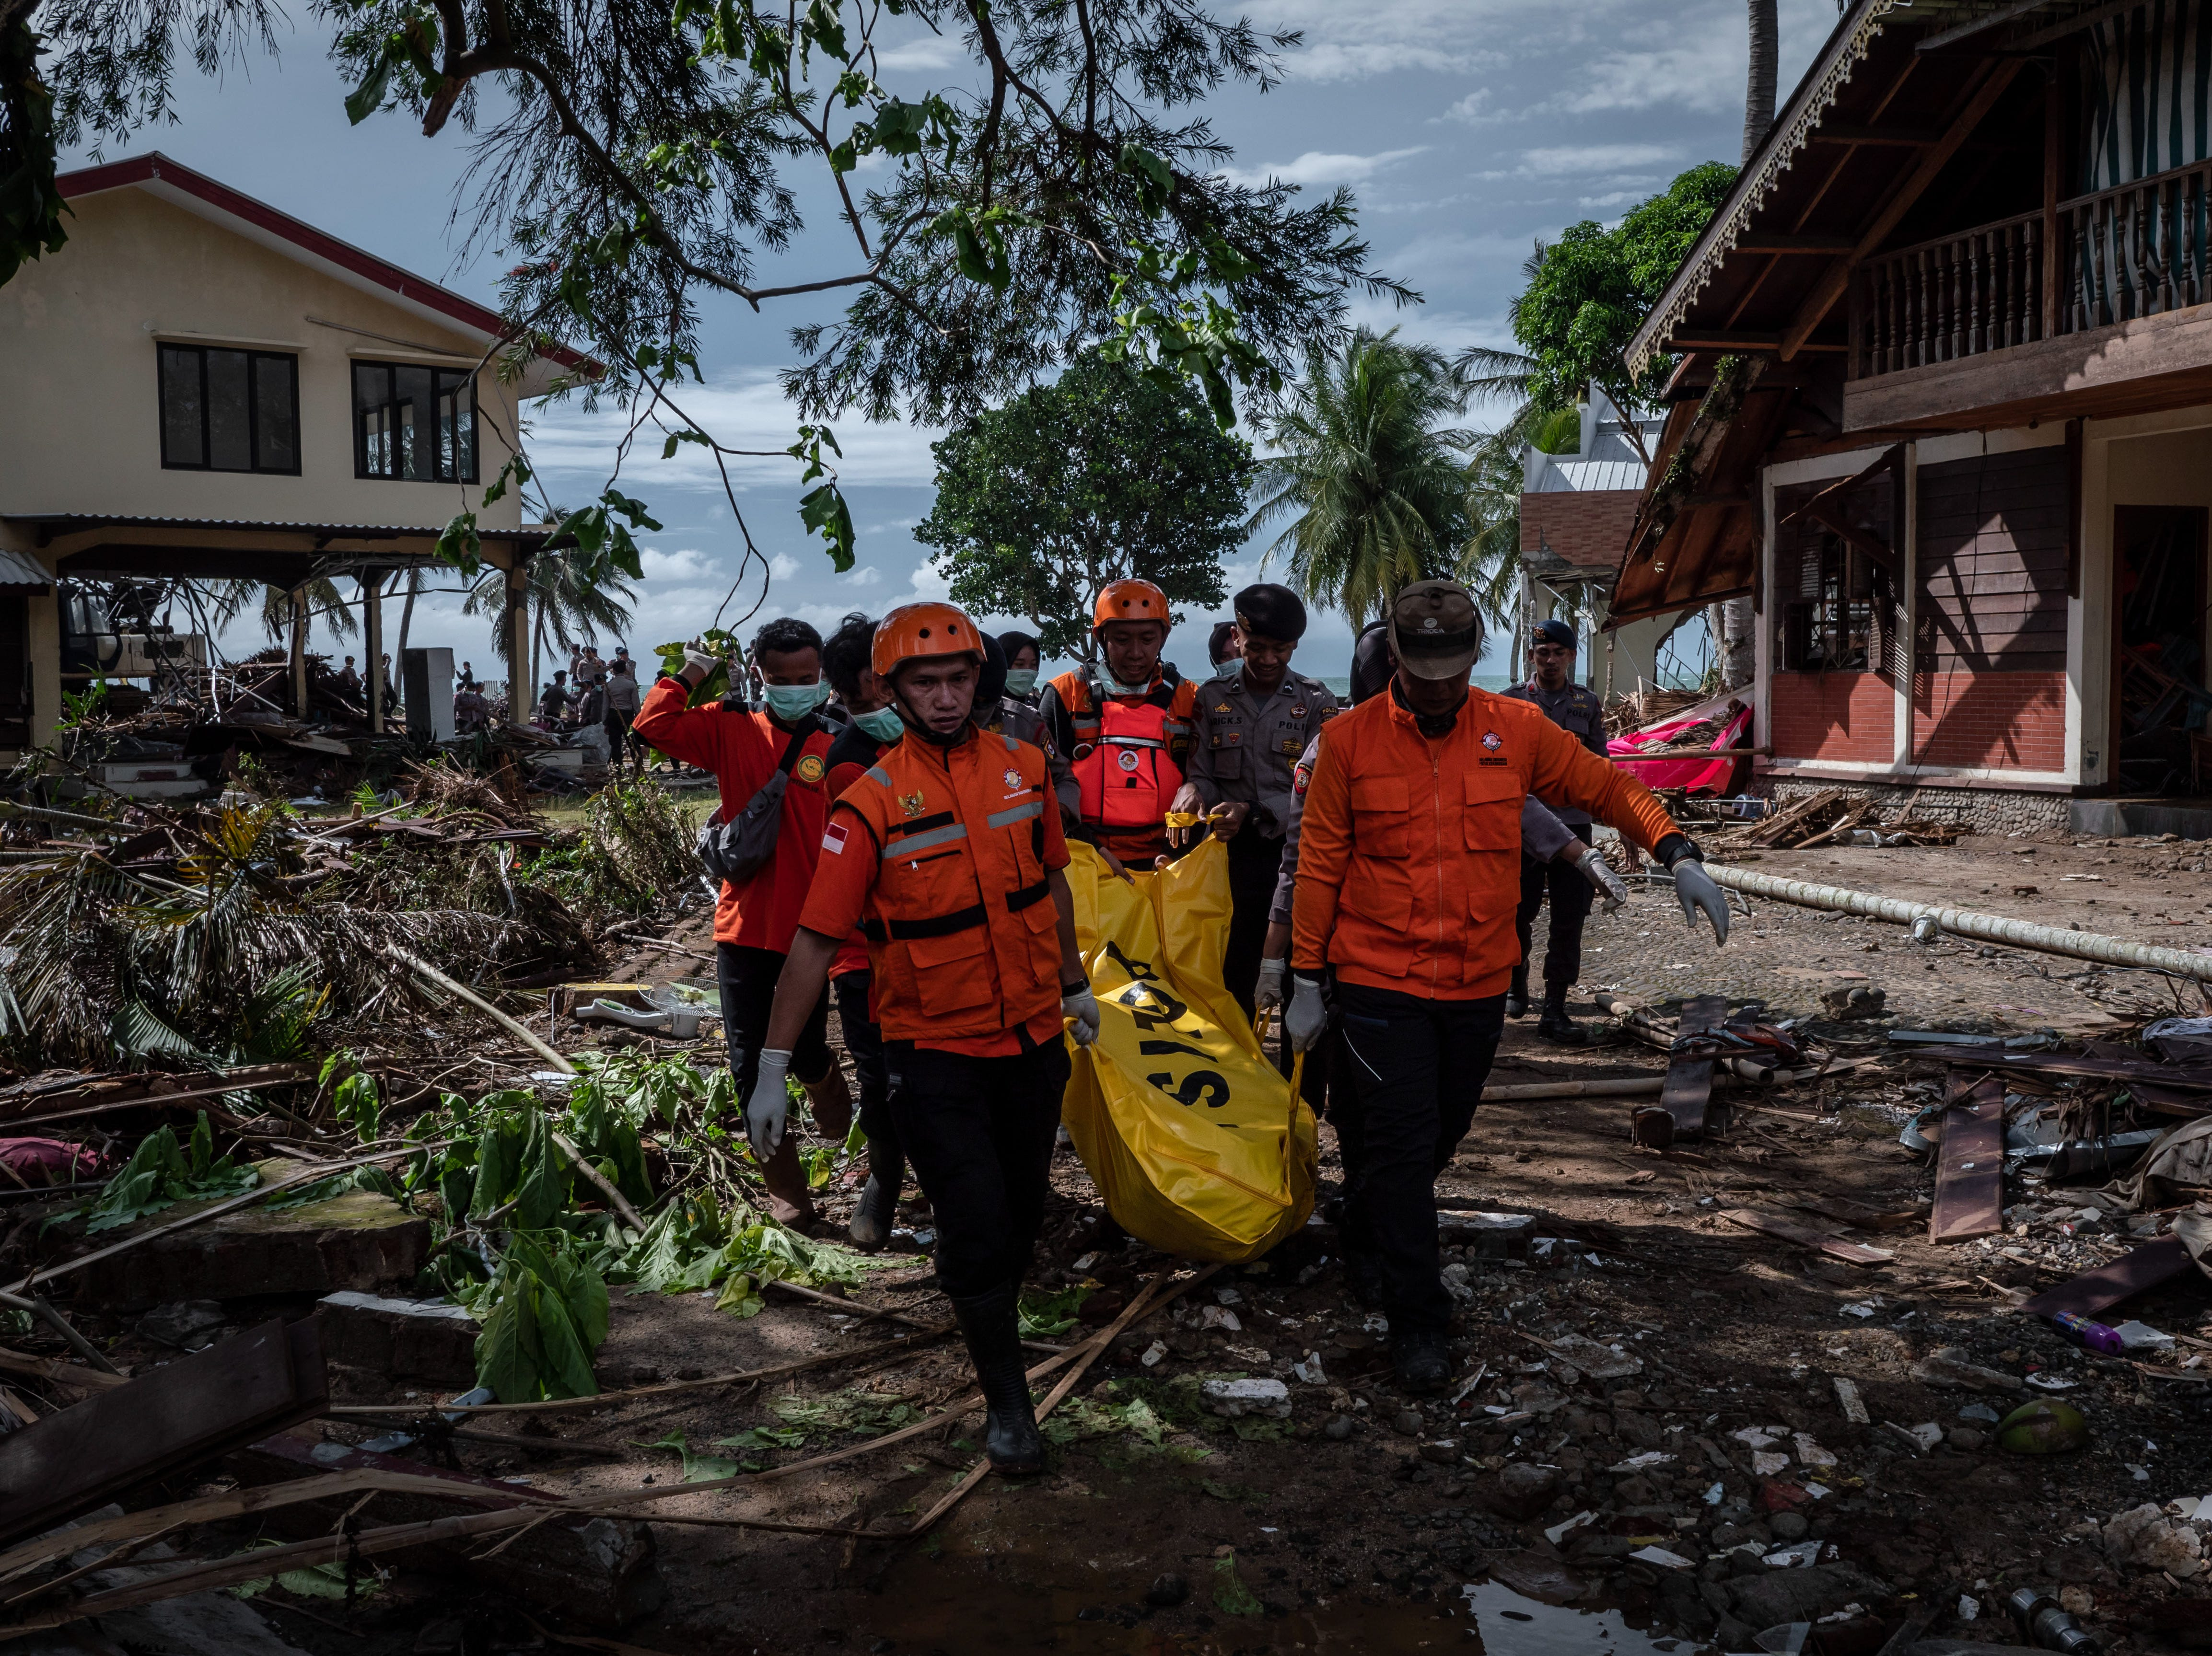 Los trabajadores de rescate recuperan el cuerpo de una víctima del tsunami durante una búsqueda en un hotel resort el 24 de diciembre de 2018 en Carita, provincia de Banten, Indonesia.